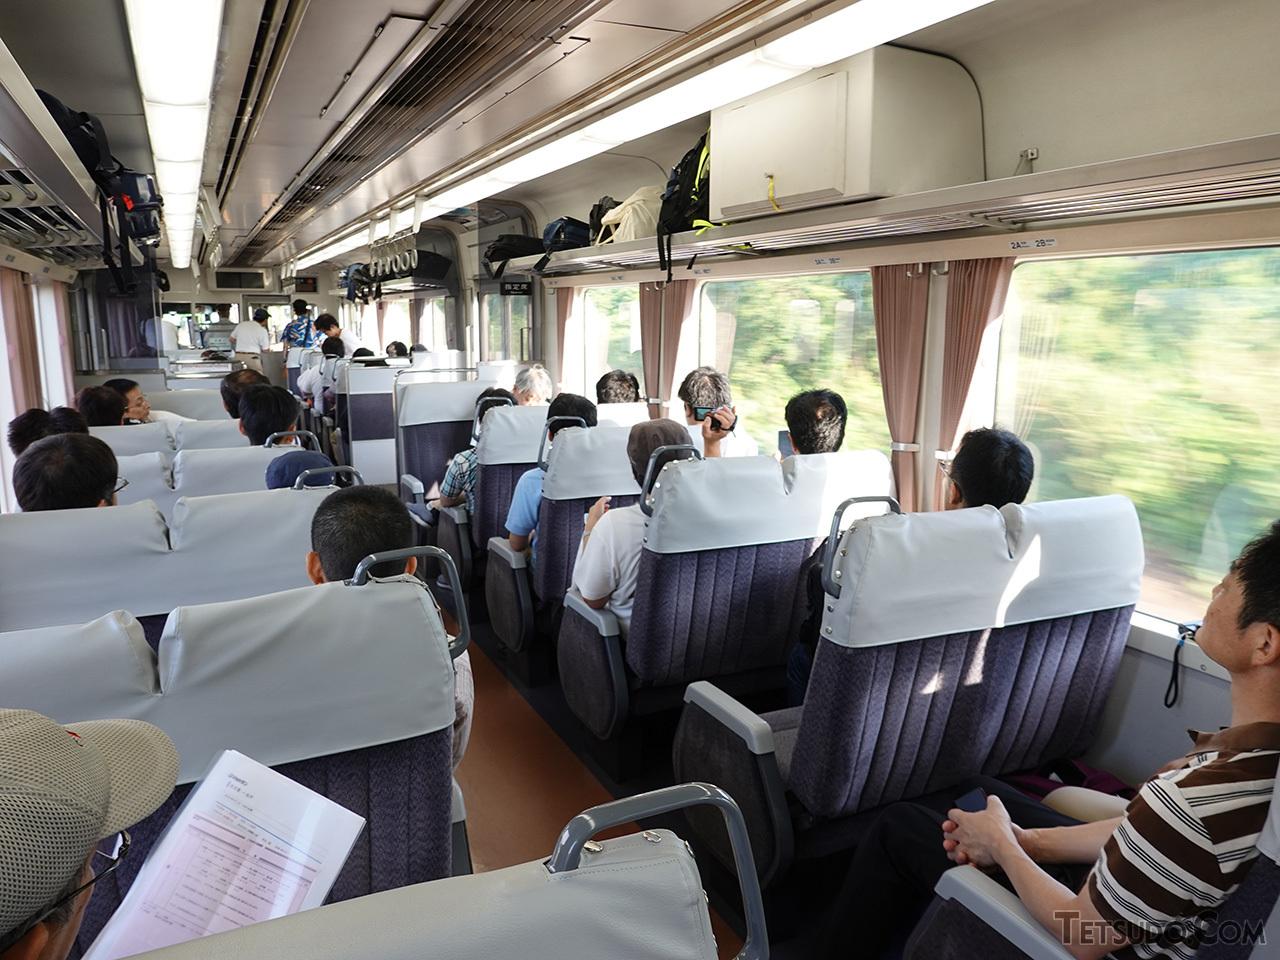 JR東海の車両はサービスや仕様が統一されており、車内も一見しただけでは311系電車と区別がつきません。しかし唸りをあげるカミンズエンジンの音はまぎれもなくディーゼルカー